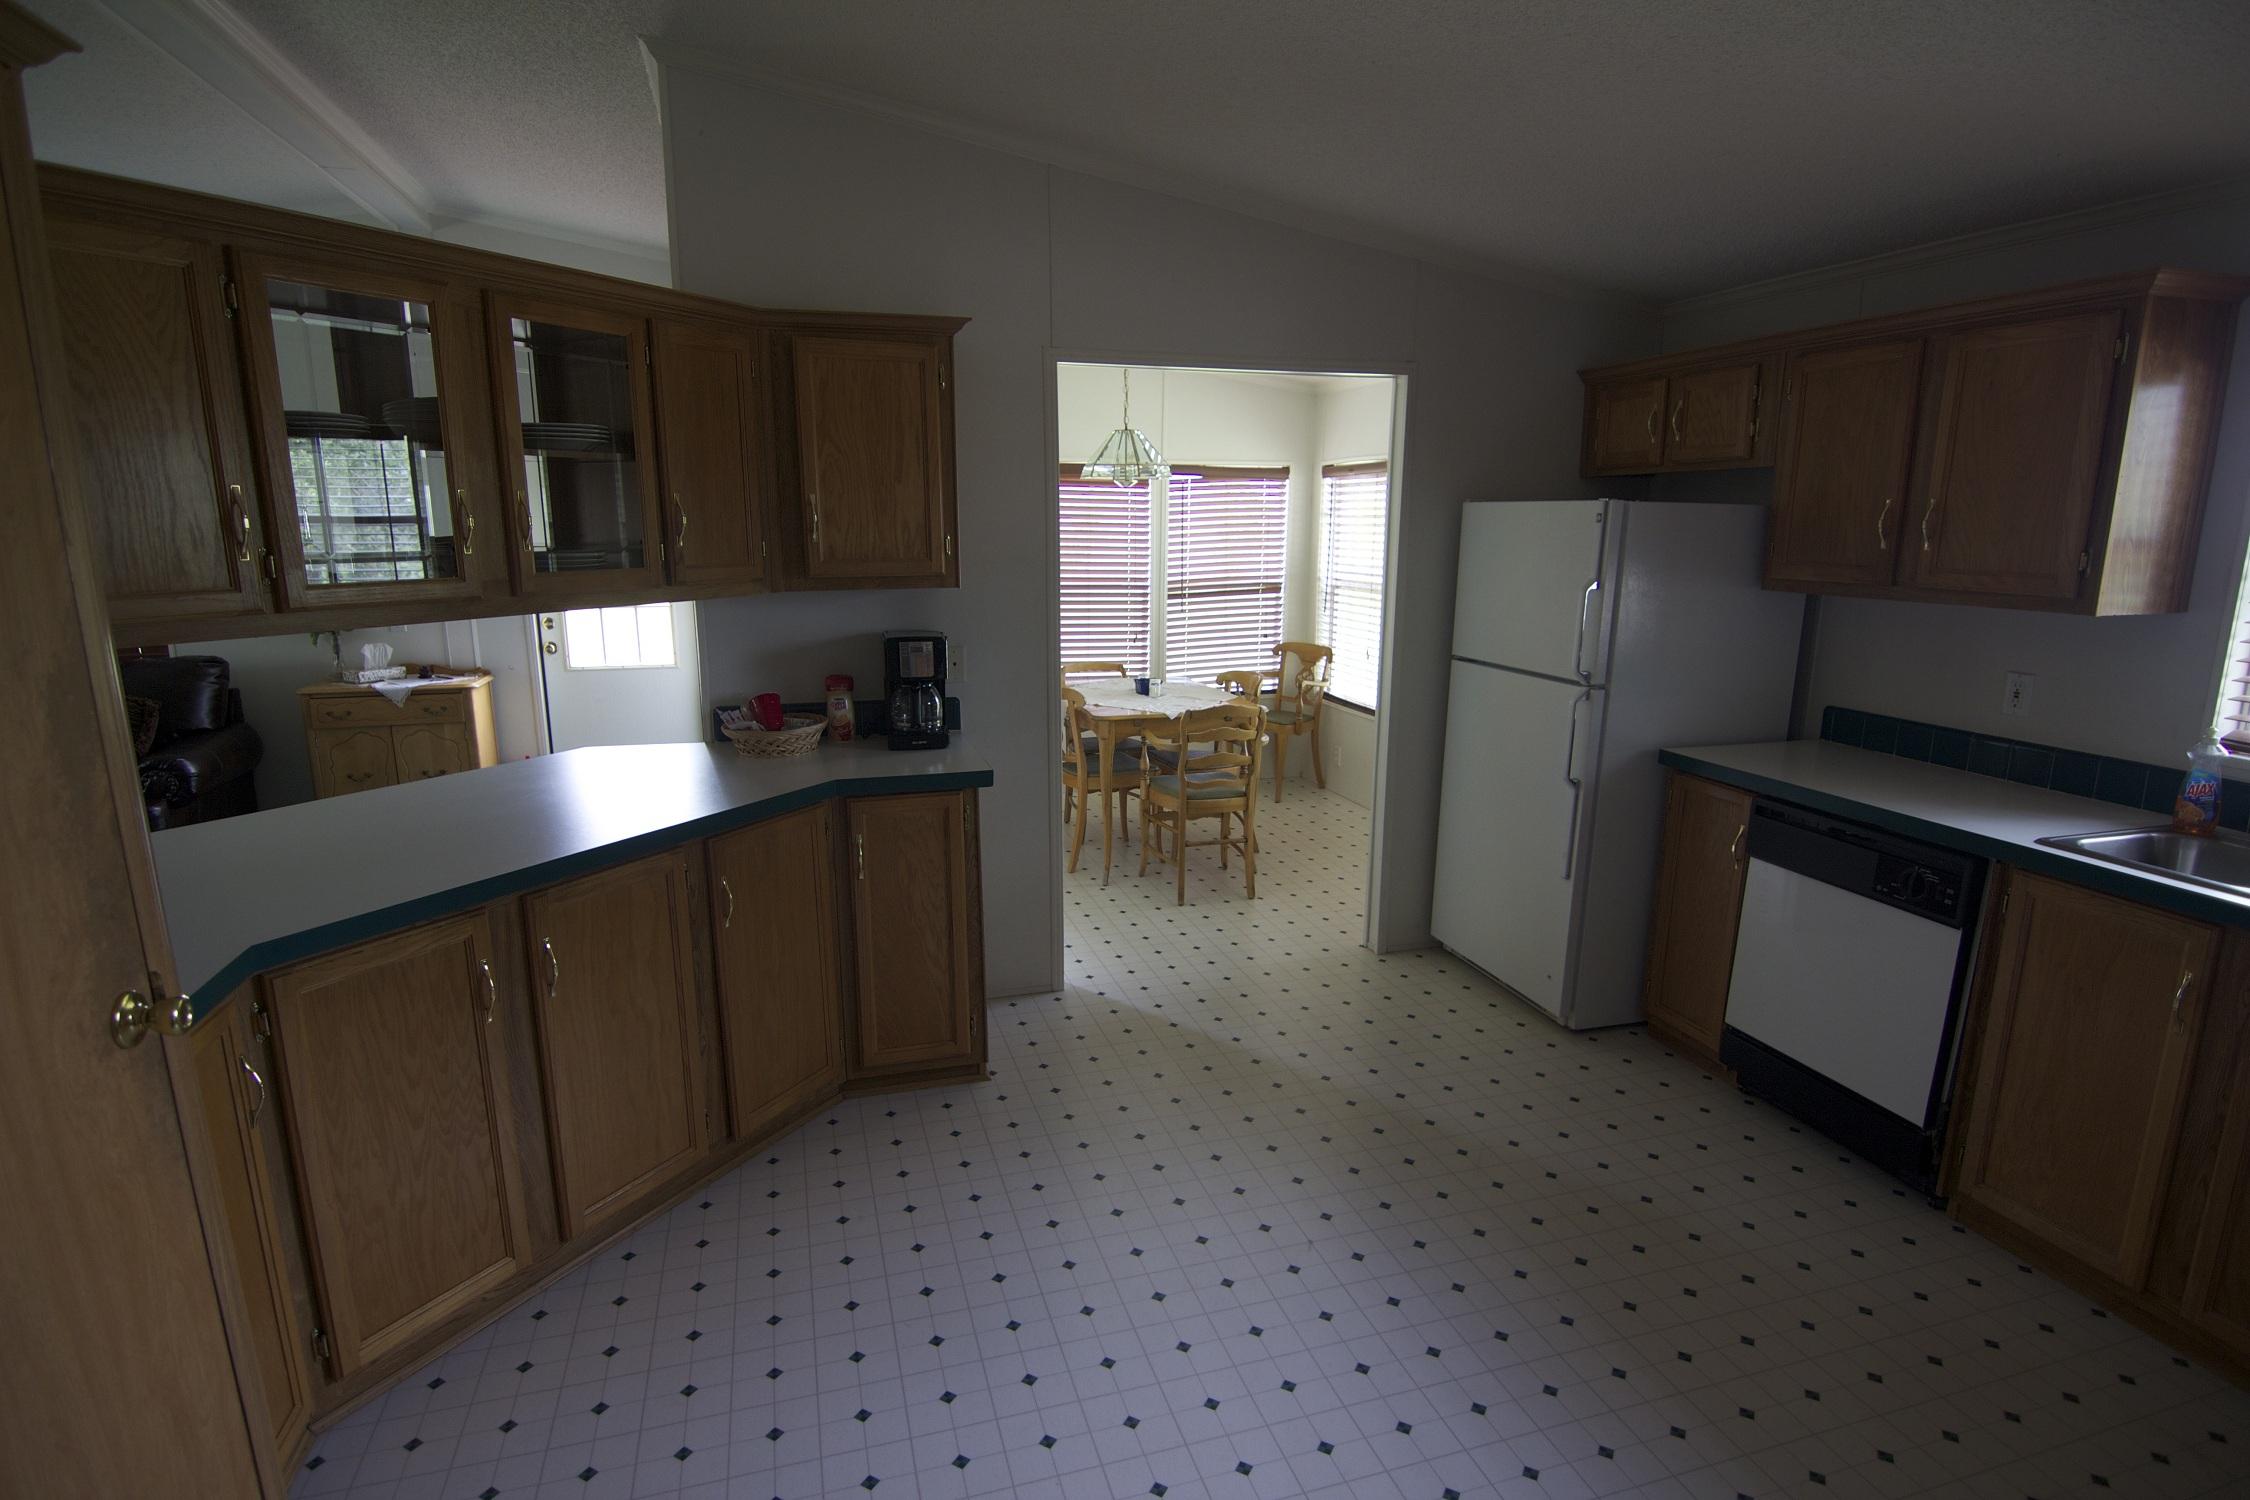 North 40 Full Kitchen